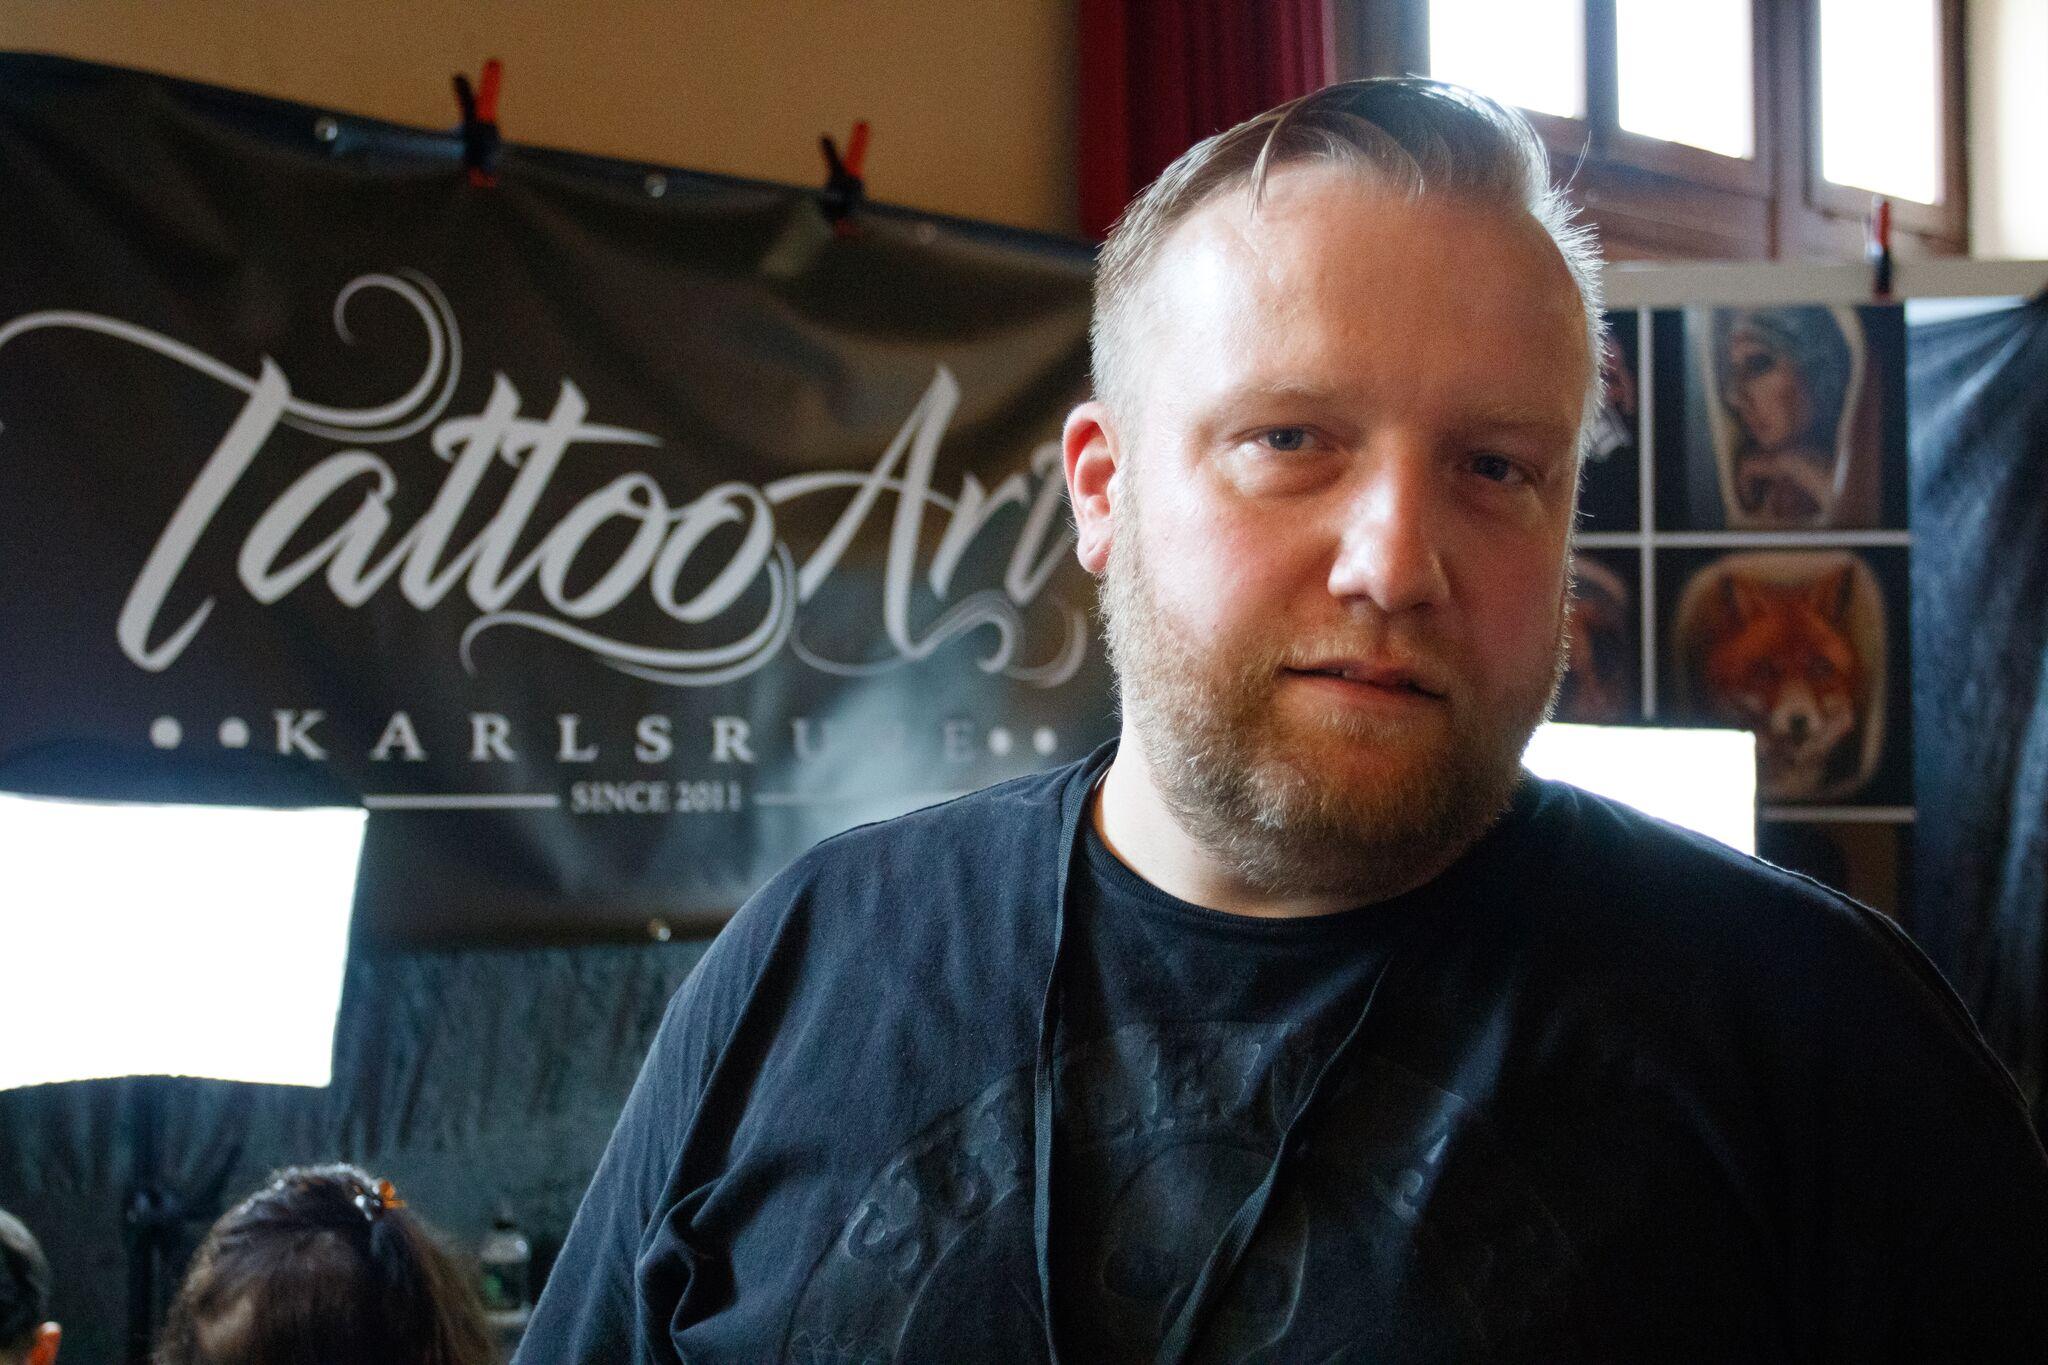 Der Tätowierer René auf der Heidelberger Tattoo-Convention. Bild: Misch Pautsch